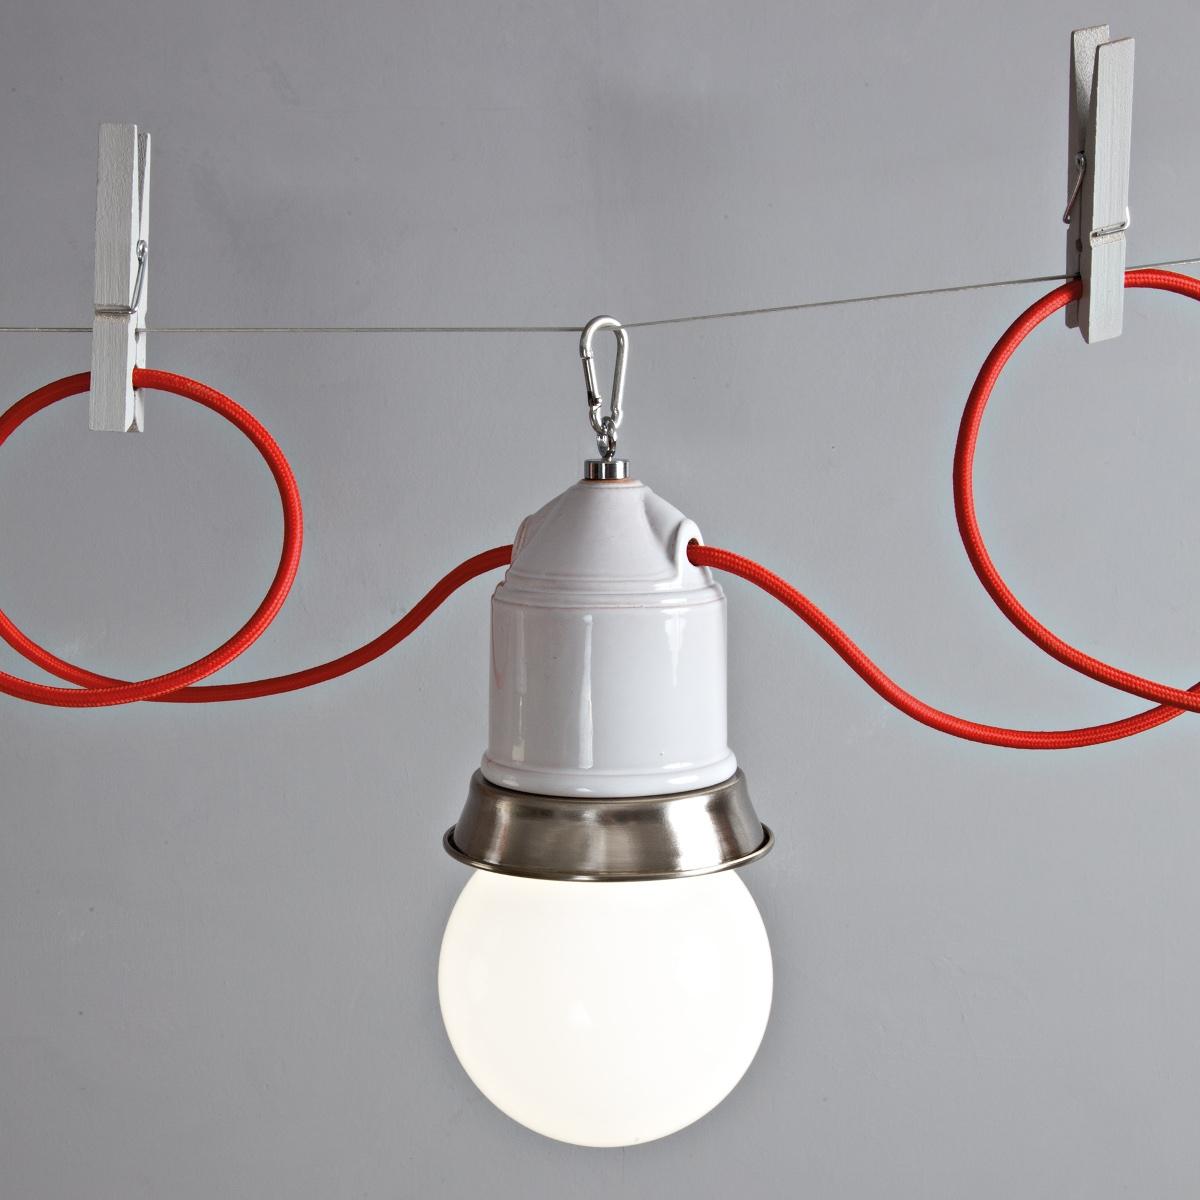 mehrflammiges seilsystem mit fassungsleuchten in keramik im industriellen design. Black Bedroom Furniture Sets. Home Design Ideas